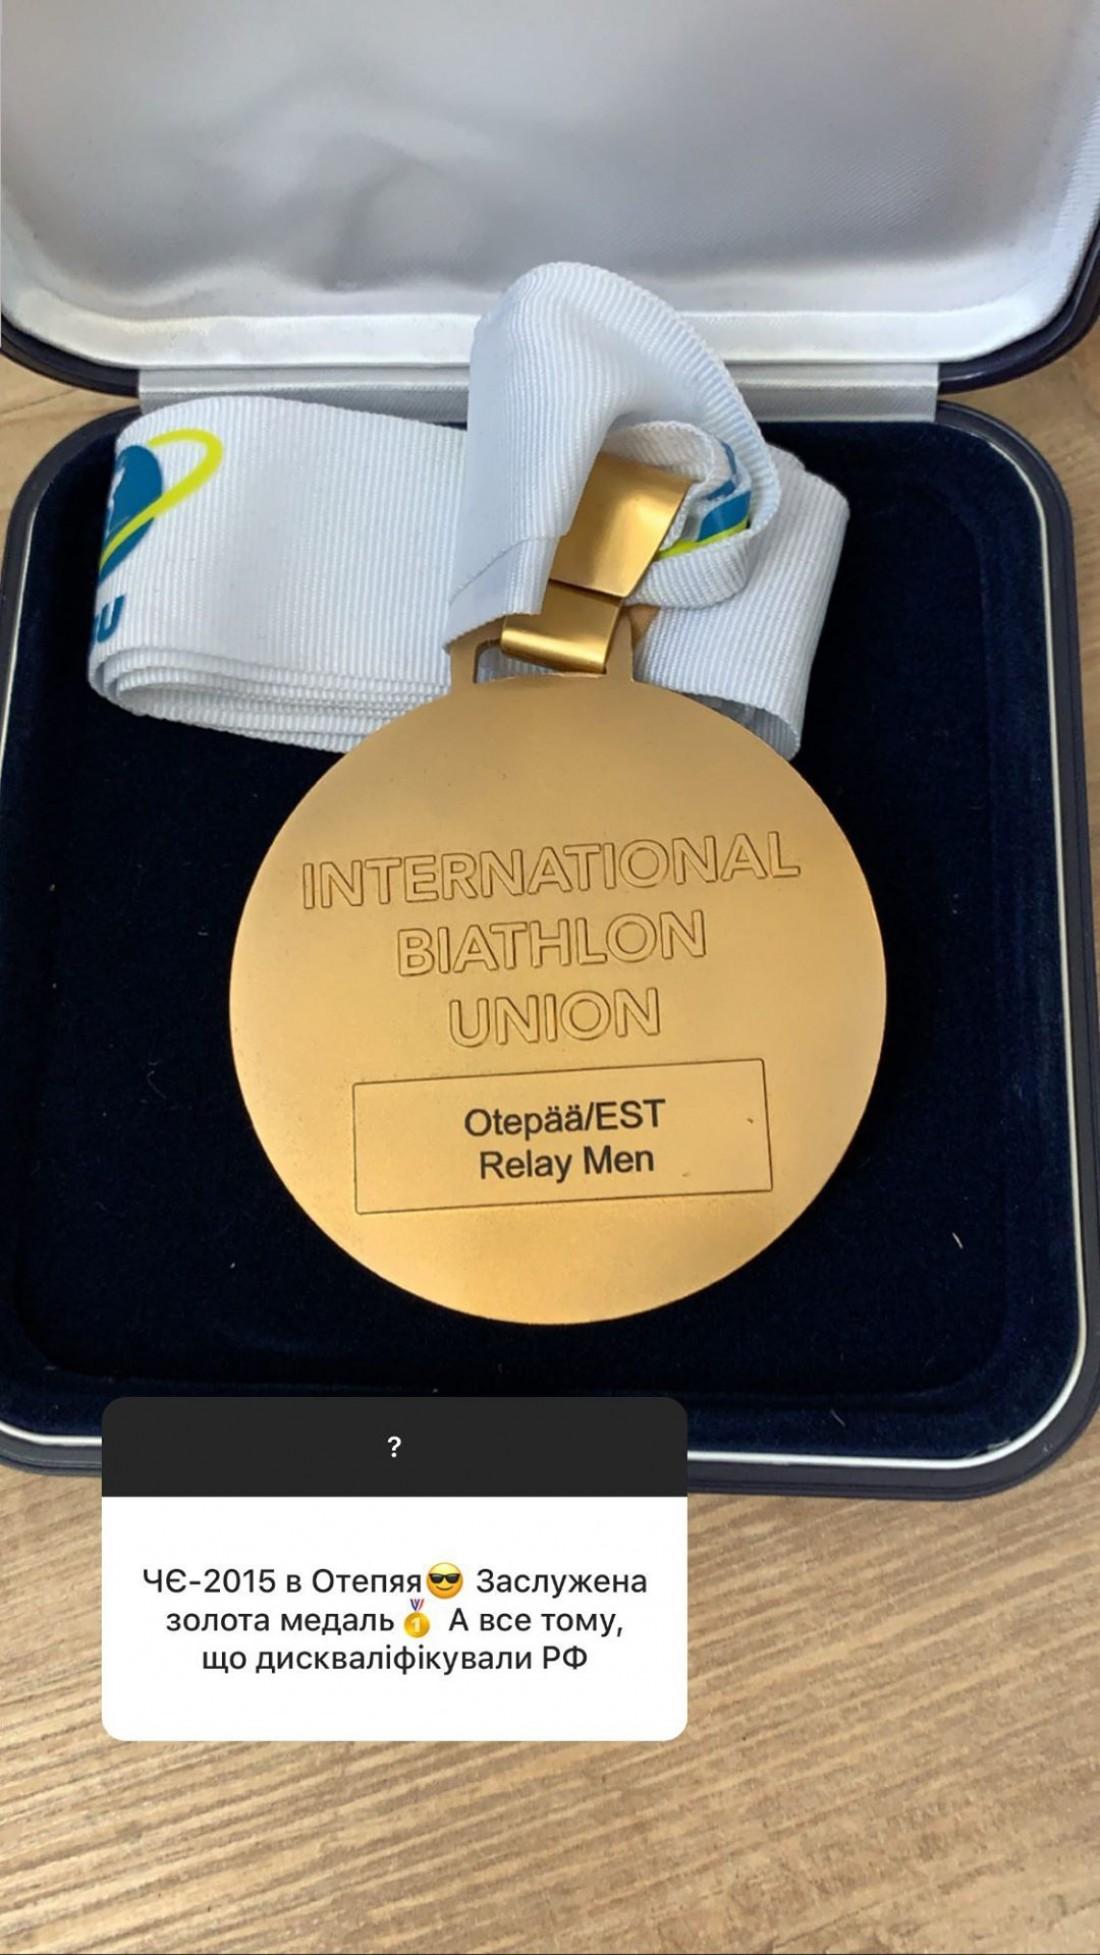 Золотая медаль ЧЕ-2015, полученная Дмитрием Пидручным